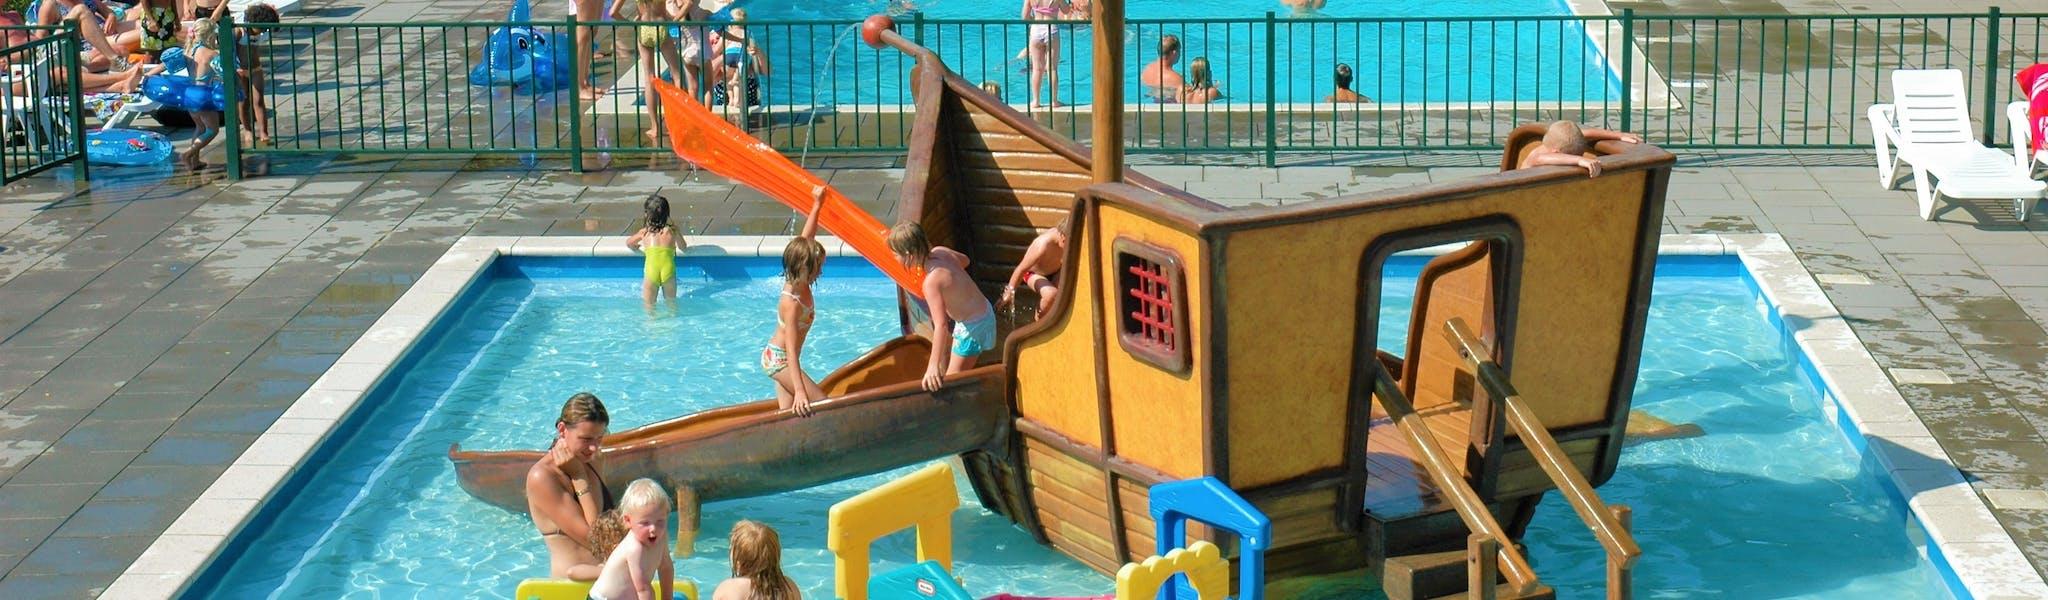 Zwembad Recreatiepark Duinhoeve